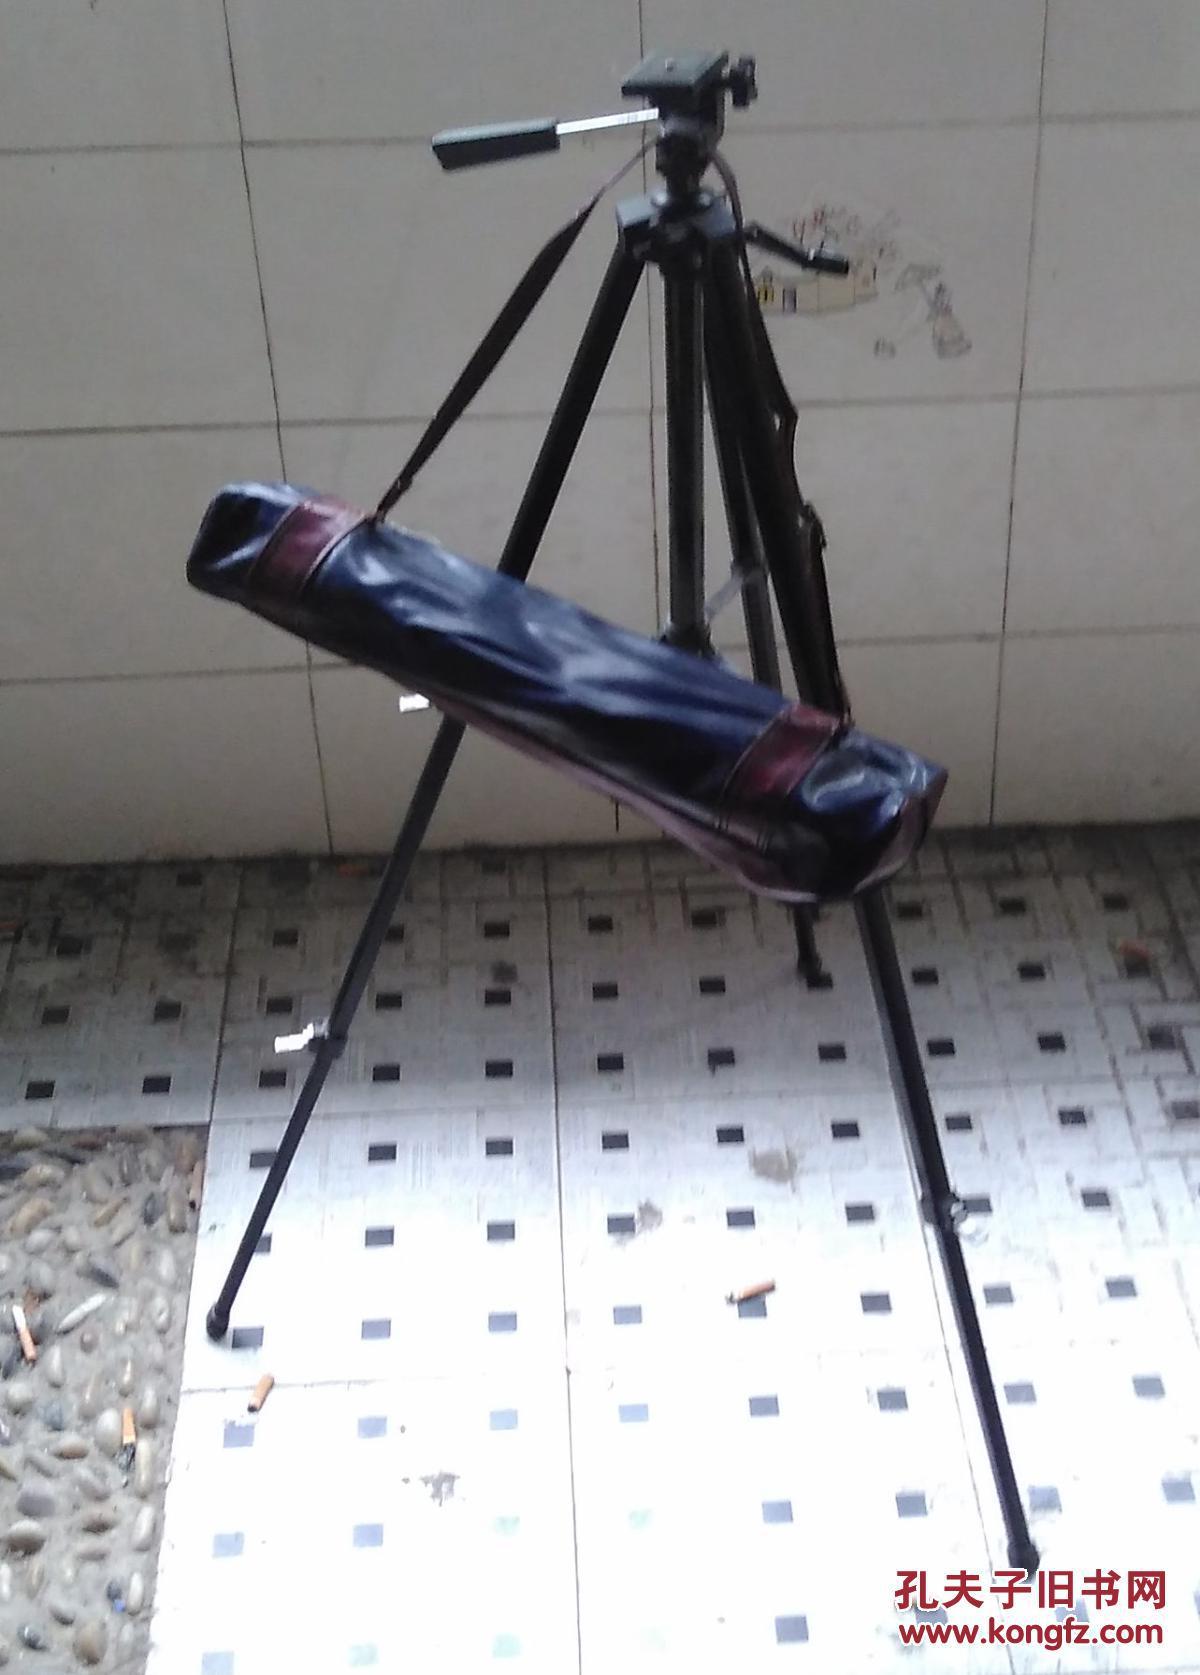 老照相机支架 三脚架三角架 黑色烤漆 铁皮塑料材质